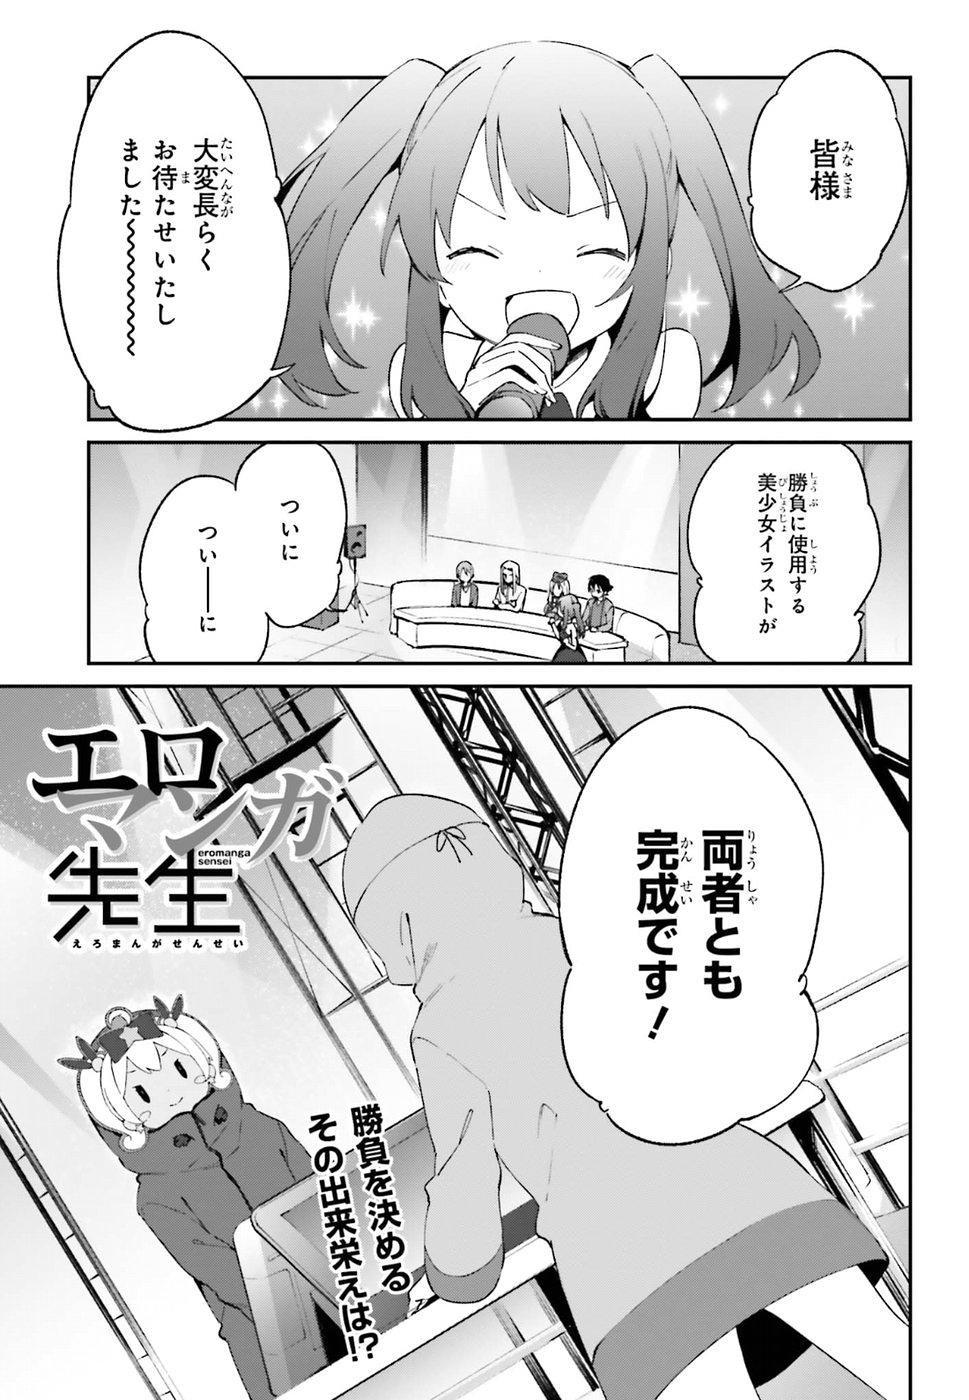 EroManga-Sensei Chapter 45 Page 1